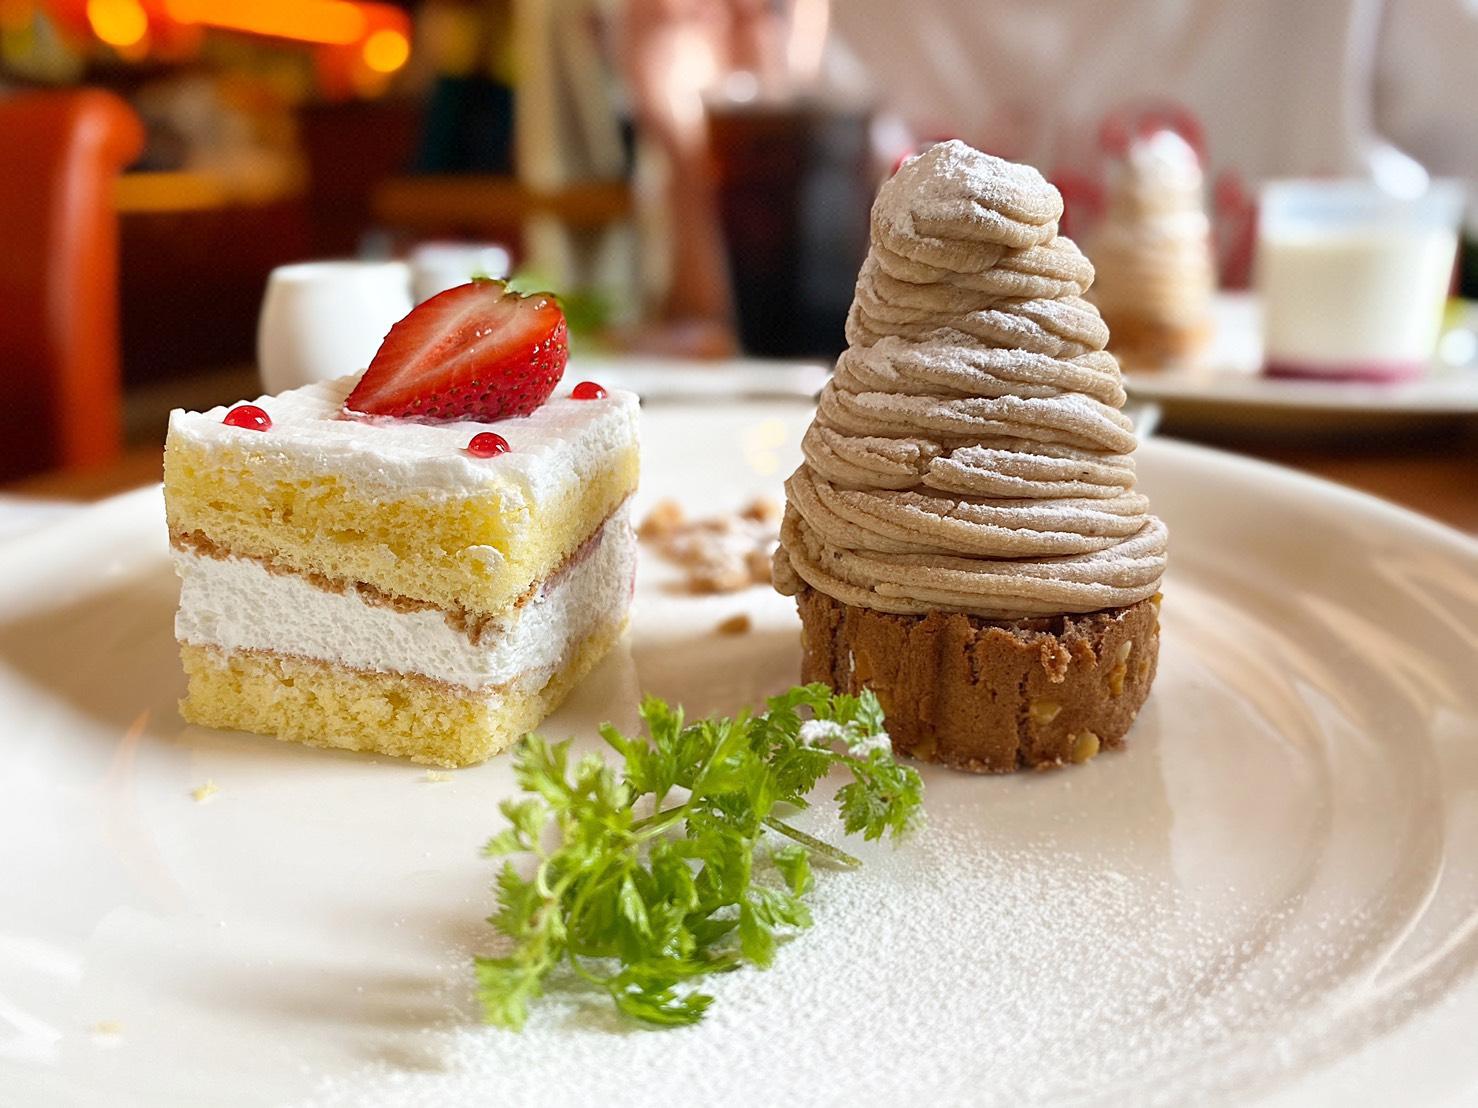 藤が丘|藤が丘でケーキを買うならここ!地元で愛される地域密着型のパティスリー